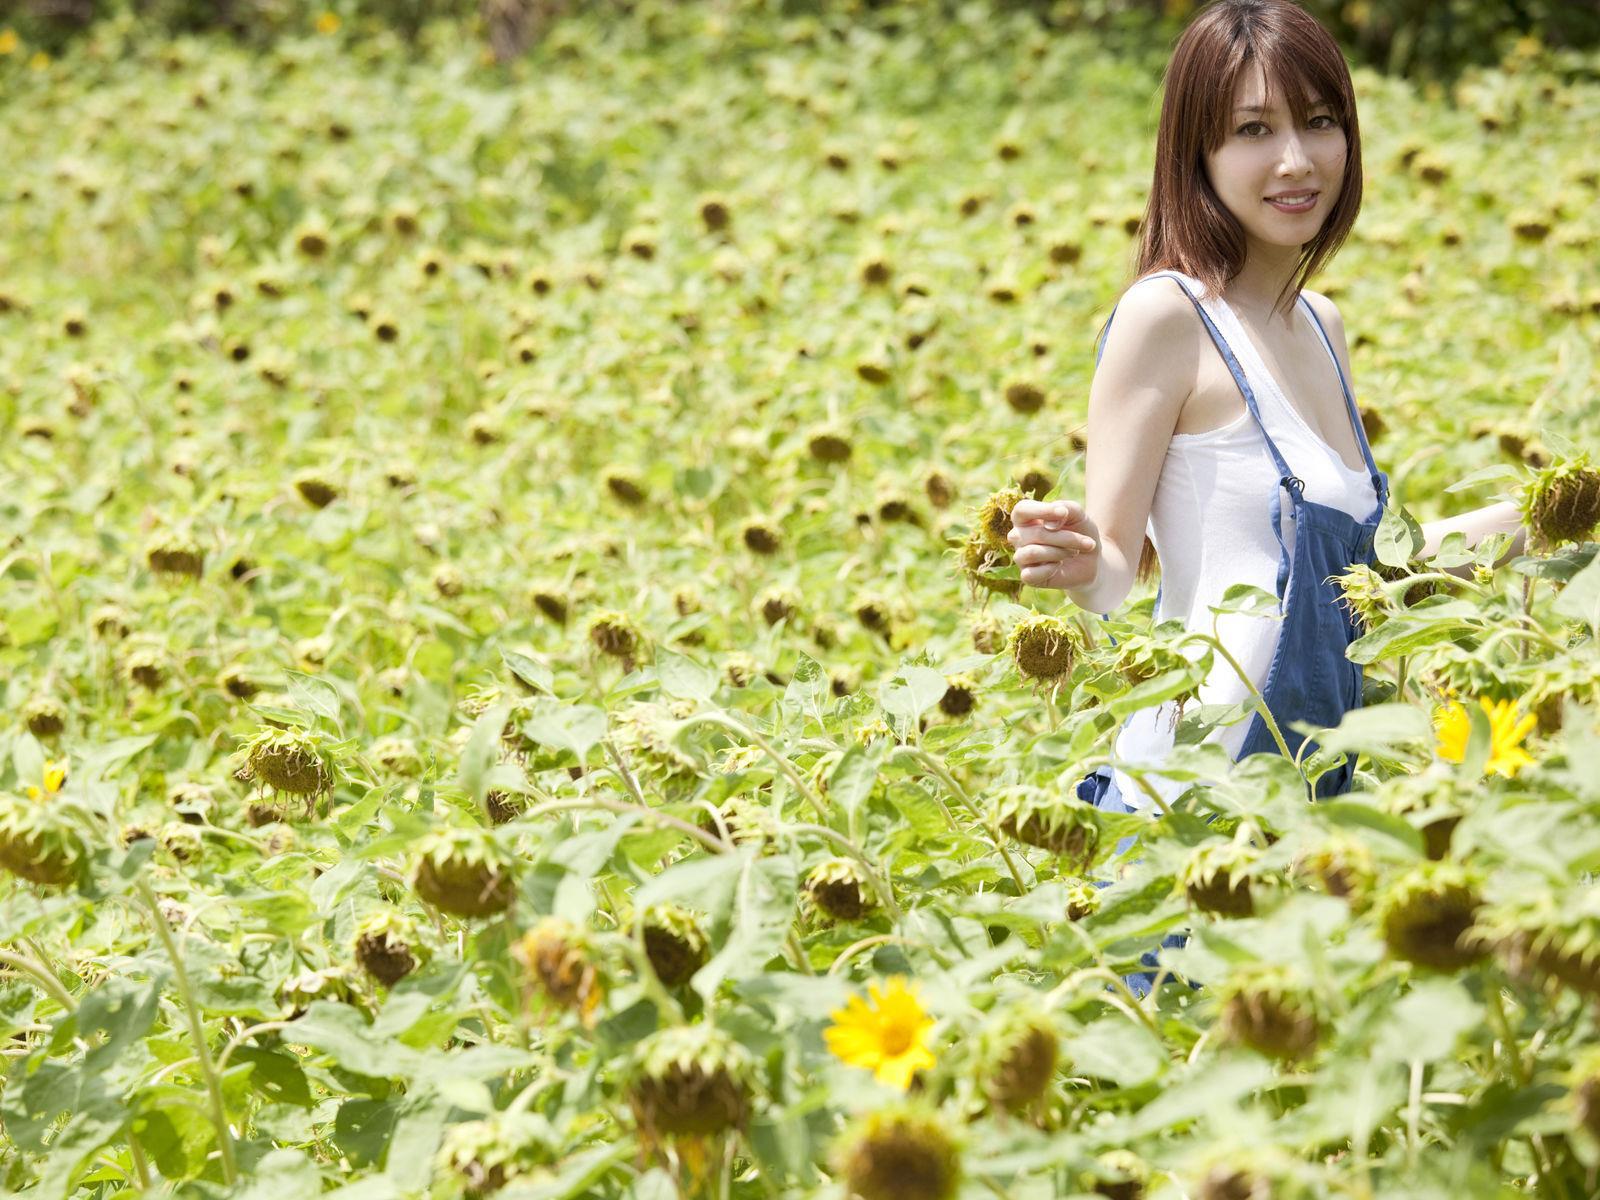 小林恵美 セミヌード画像 1